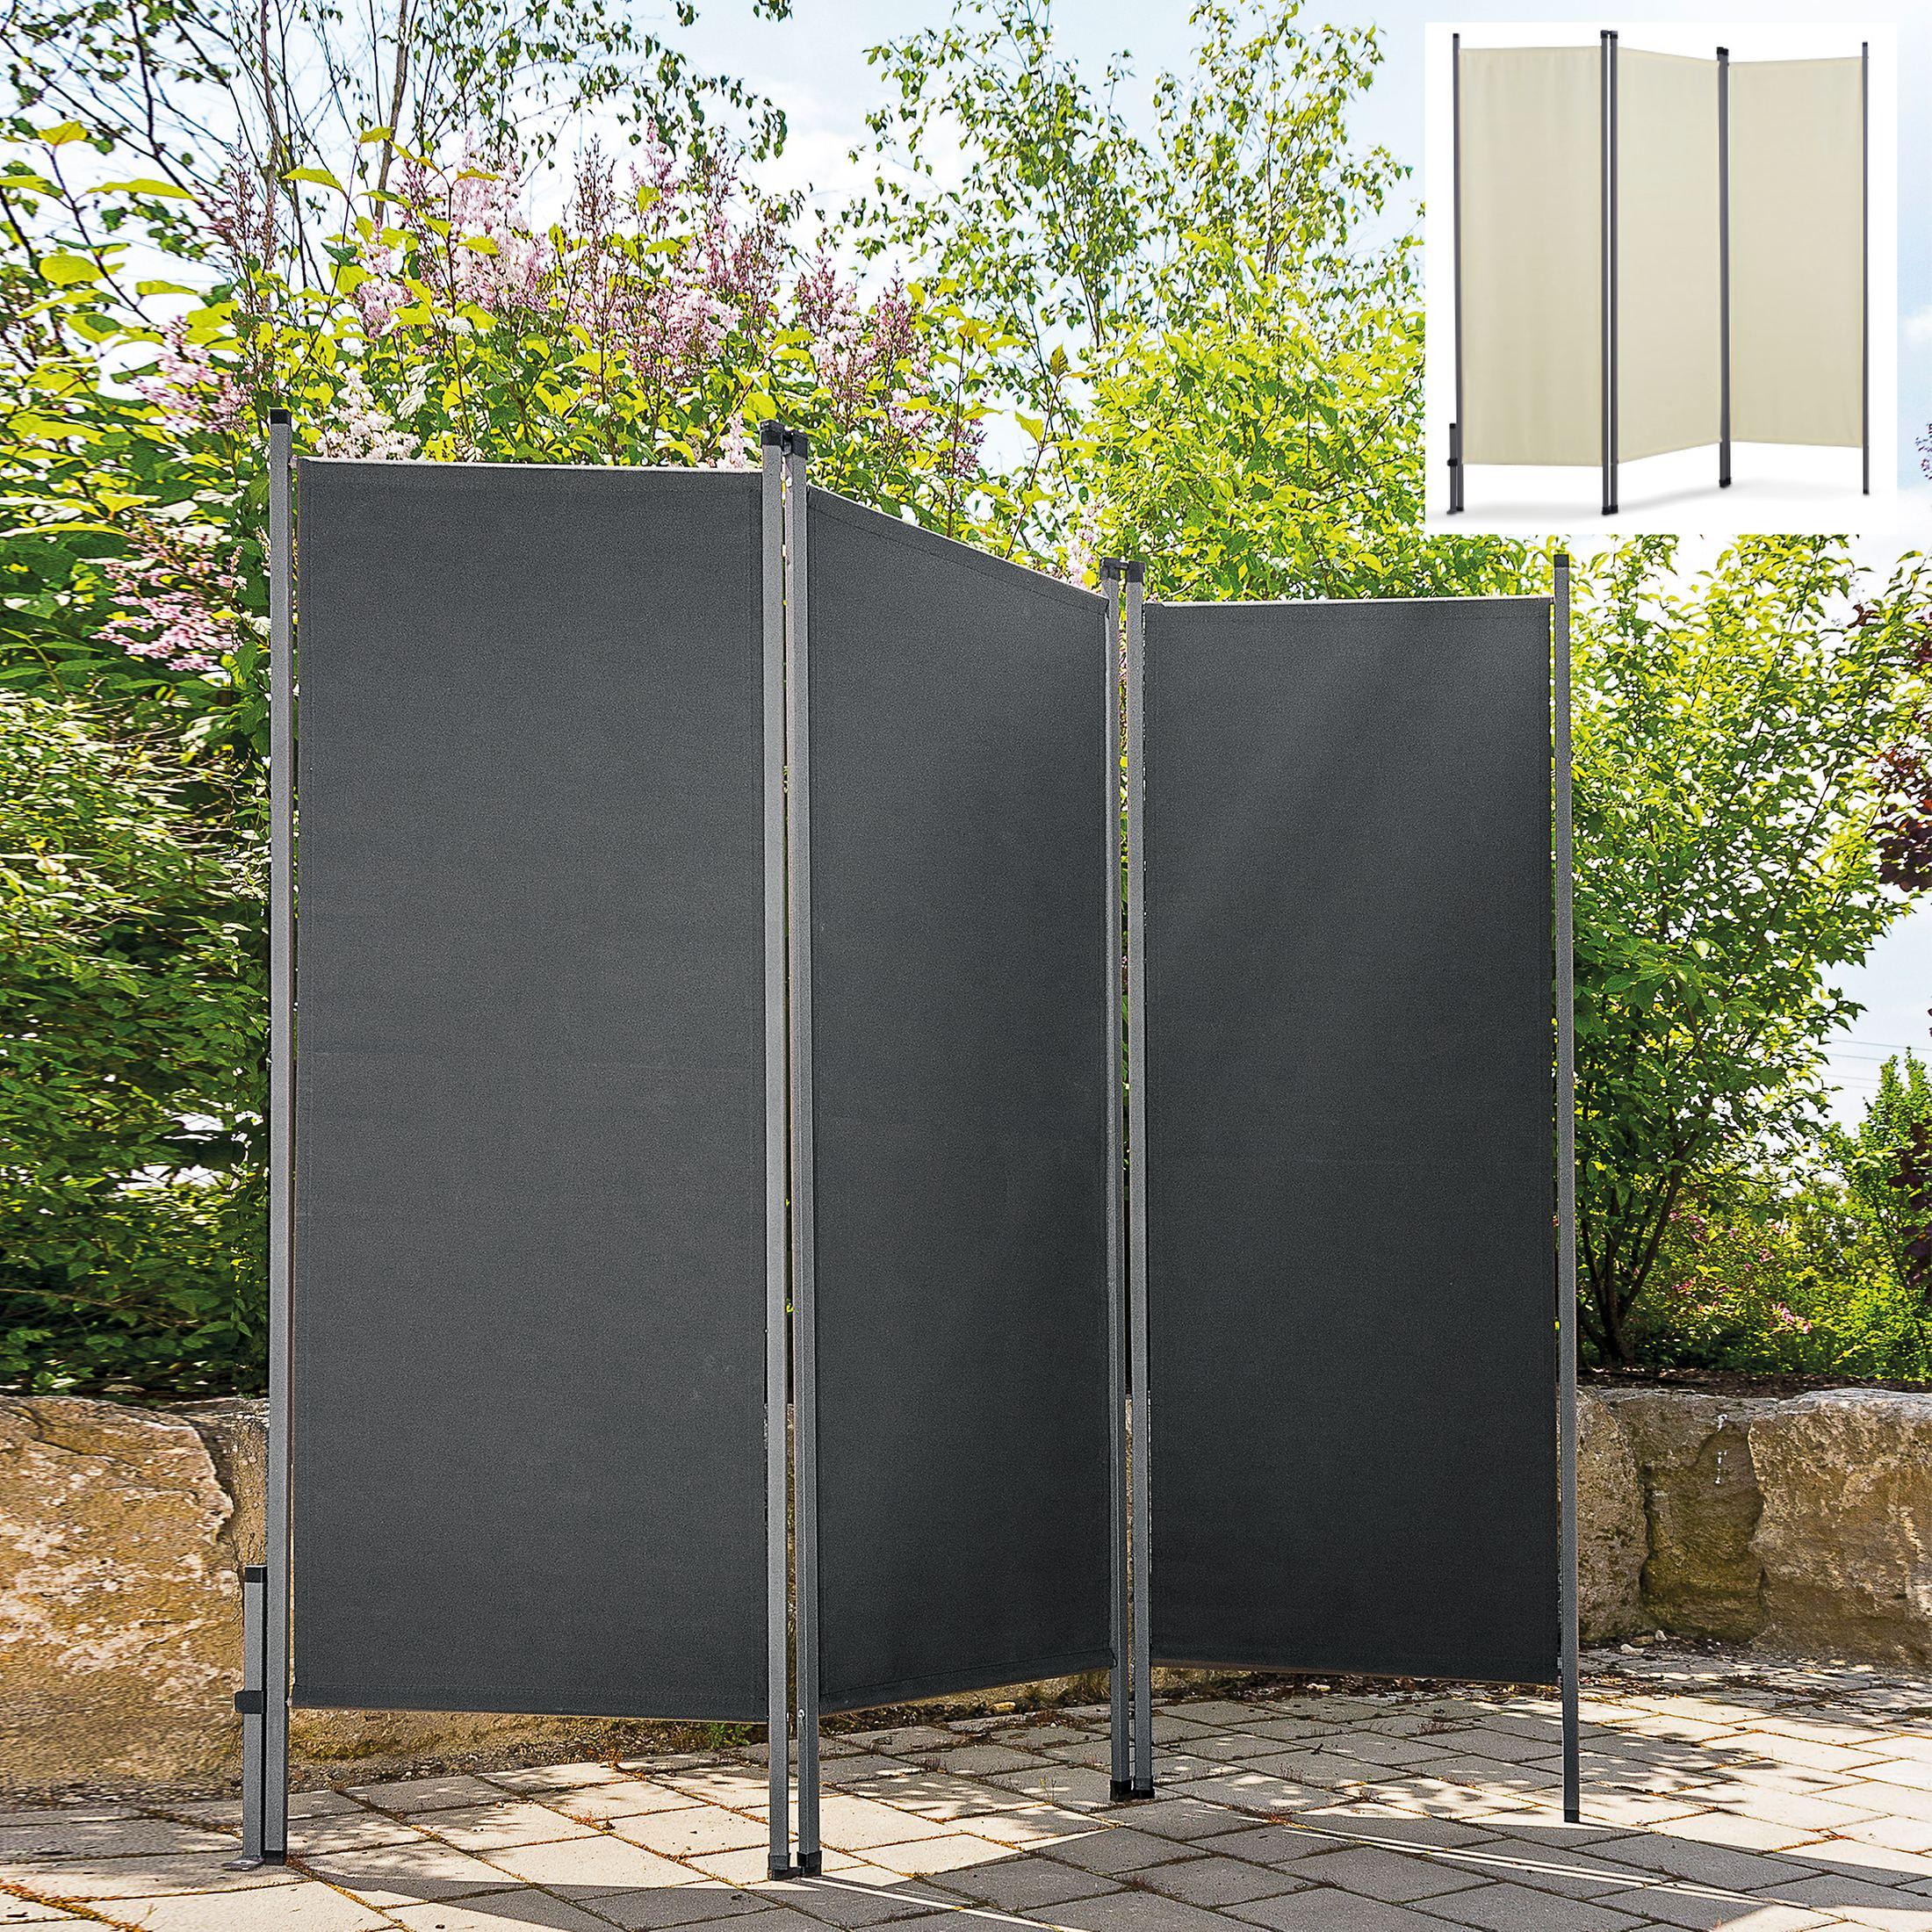 Full Size of Paravent Garten Obi Ikea Wetterfest Hornbach Metall Holz Bambus Toom Outdoor Mobilis Promondo Sichtschutz Kugelleuchten Hängesessel Whirlpool Aufblasbar Garten Paravent Garten